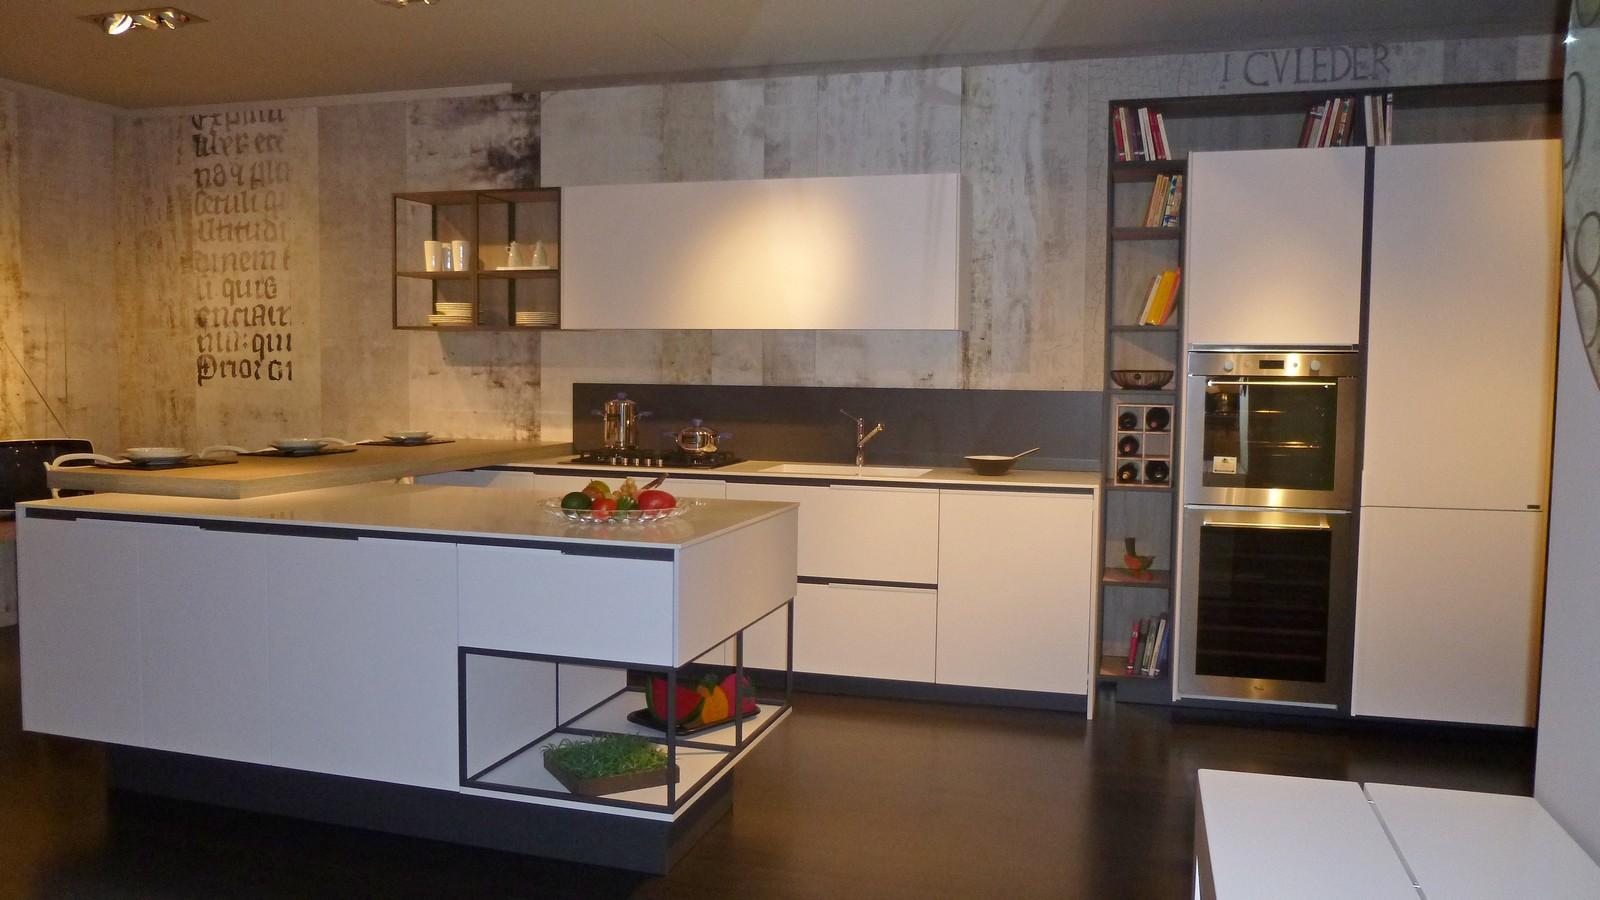 Mobilturi Cucine Opinioni - Idee per la progettazione di ...